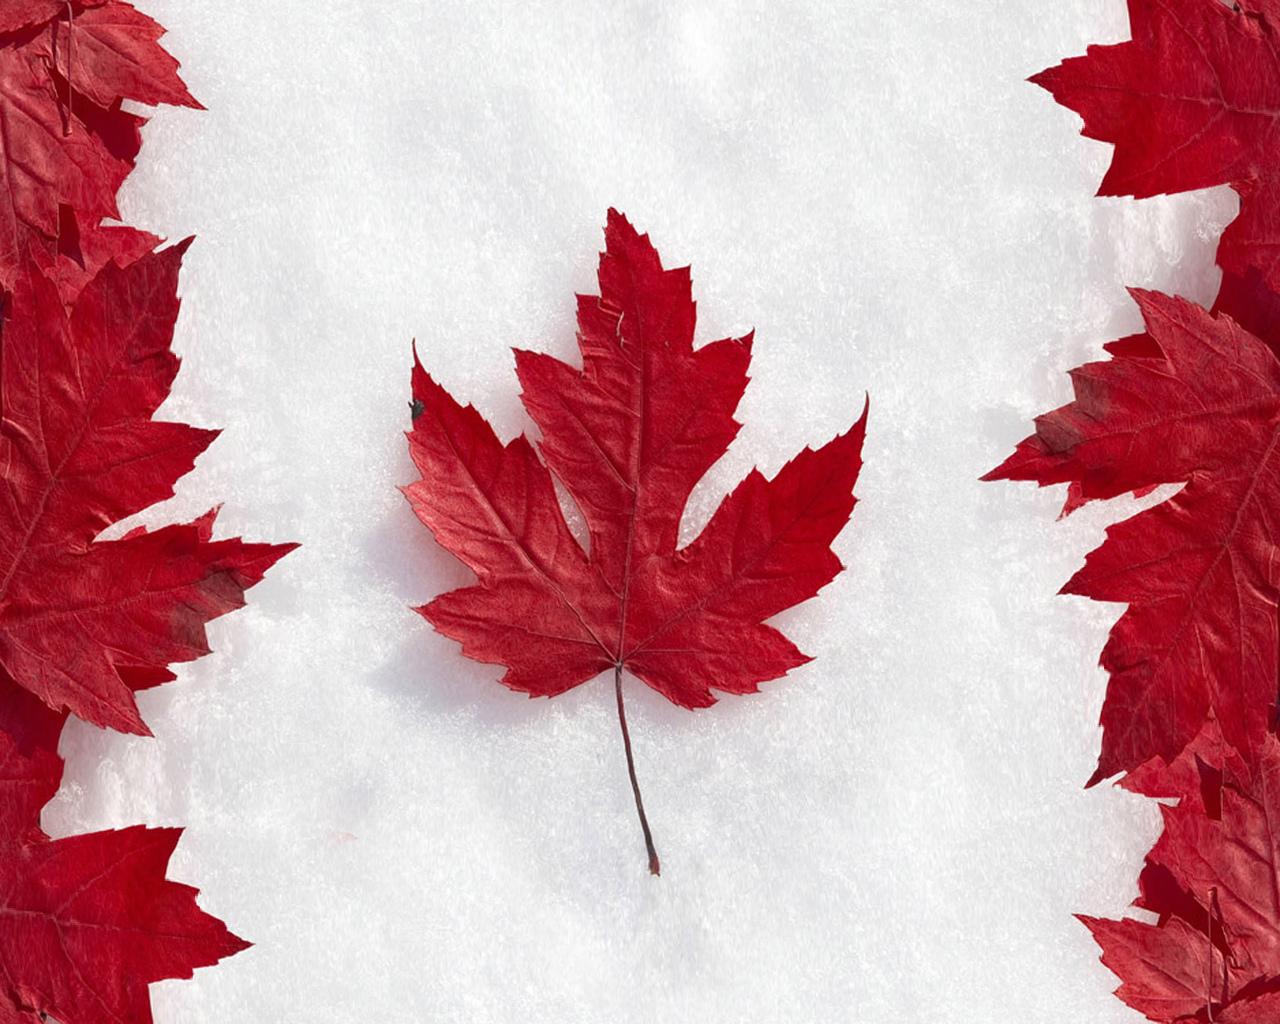 Клен снег канада листья флаг обои